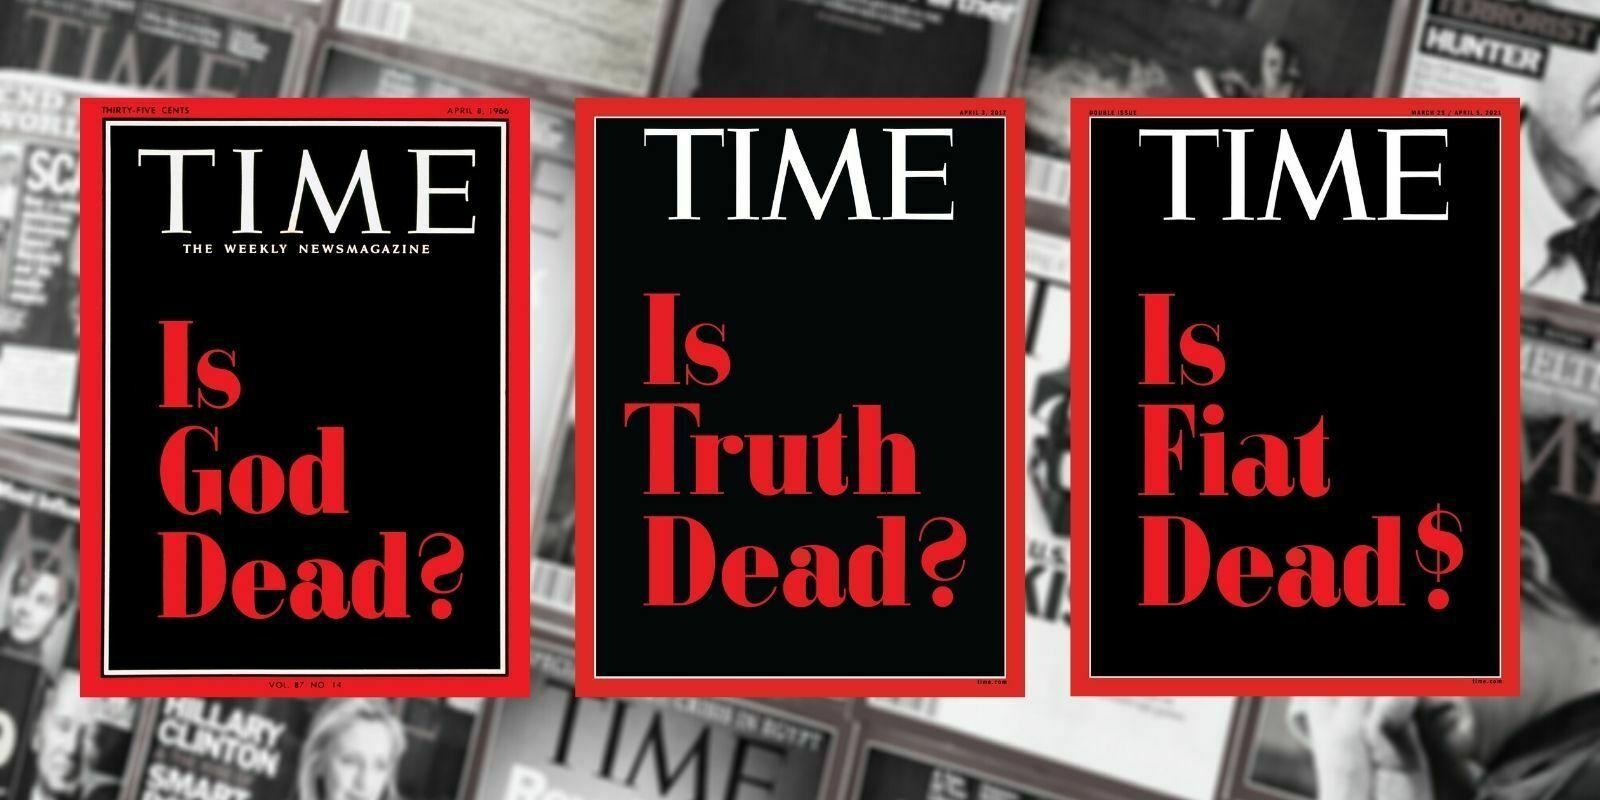 Le Time Magazine vend des NFTs de ses couvertures pour 440 000 dollars